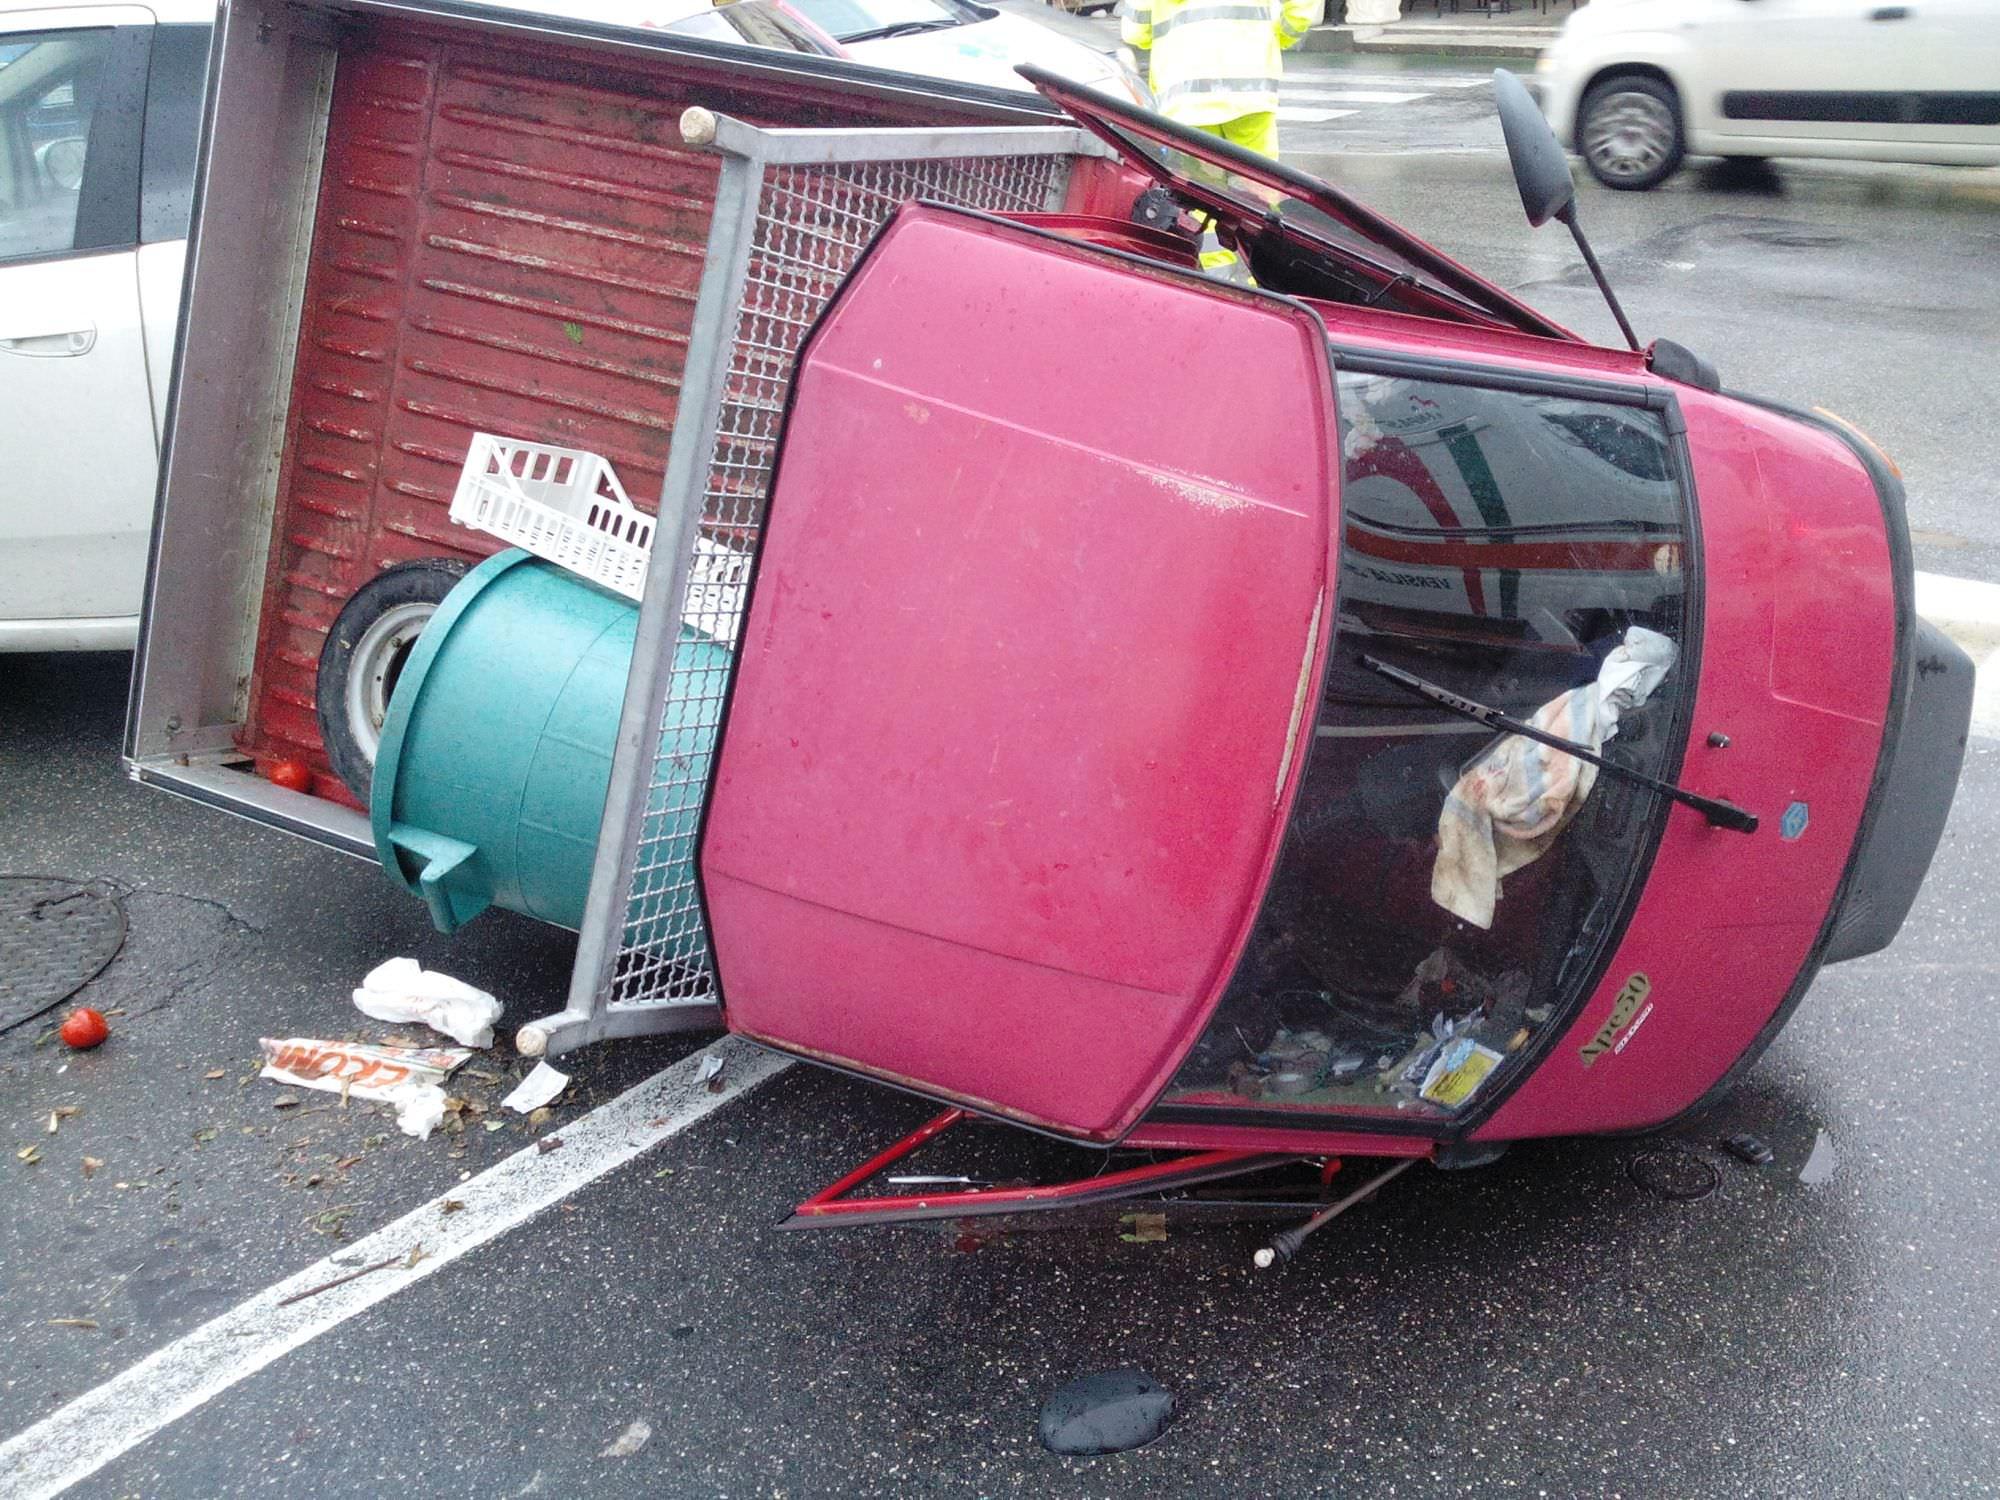 Incidente in via Italica, rilbaltato Ape Piaggio (foto)